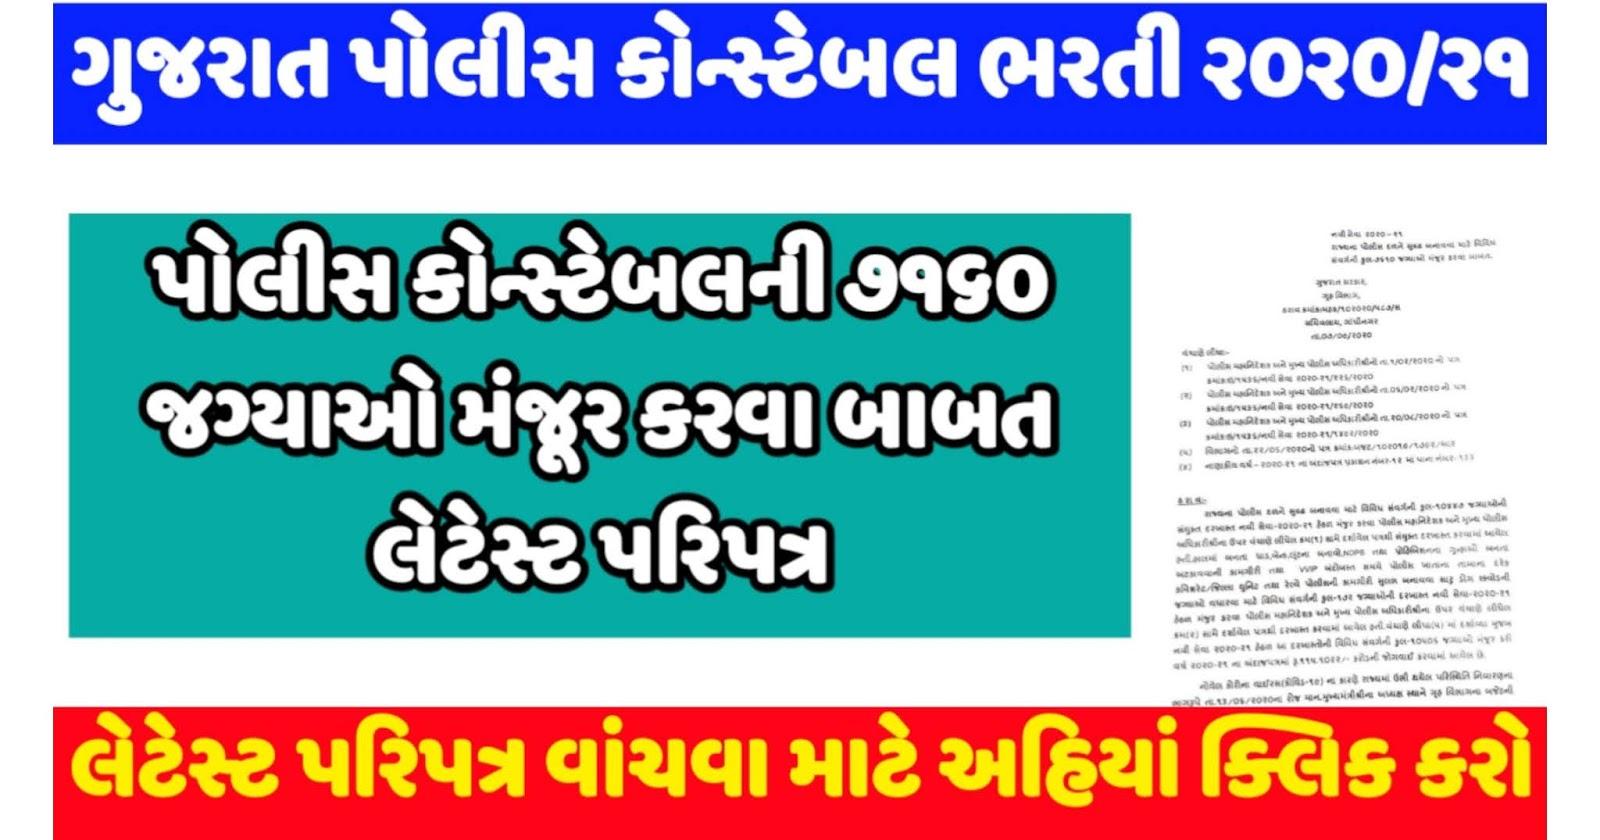 Gujarat Police Constable Recruitment 2020/21: Latest Circular